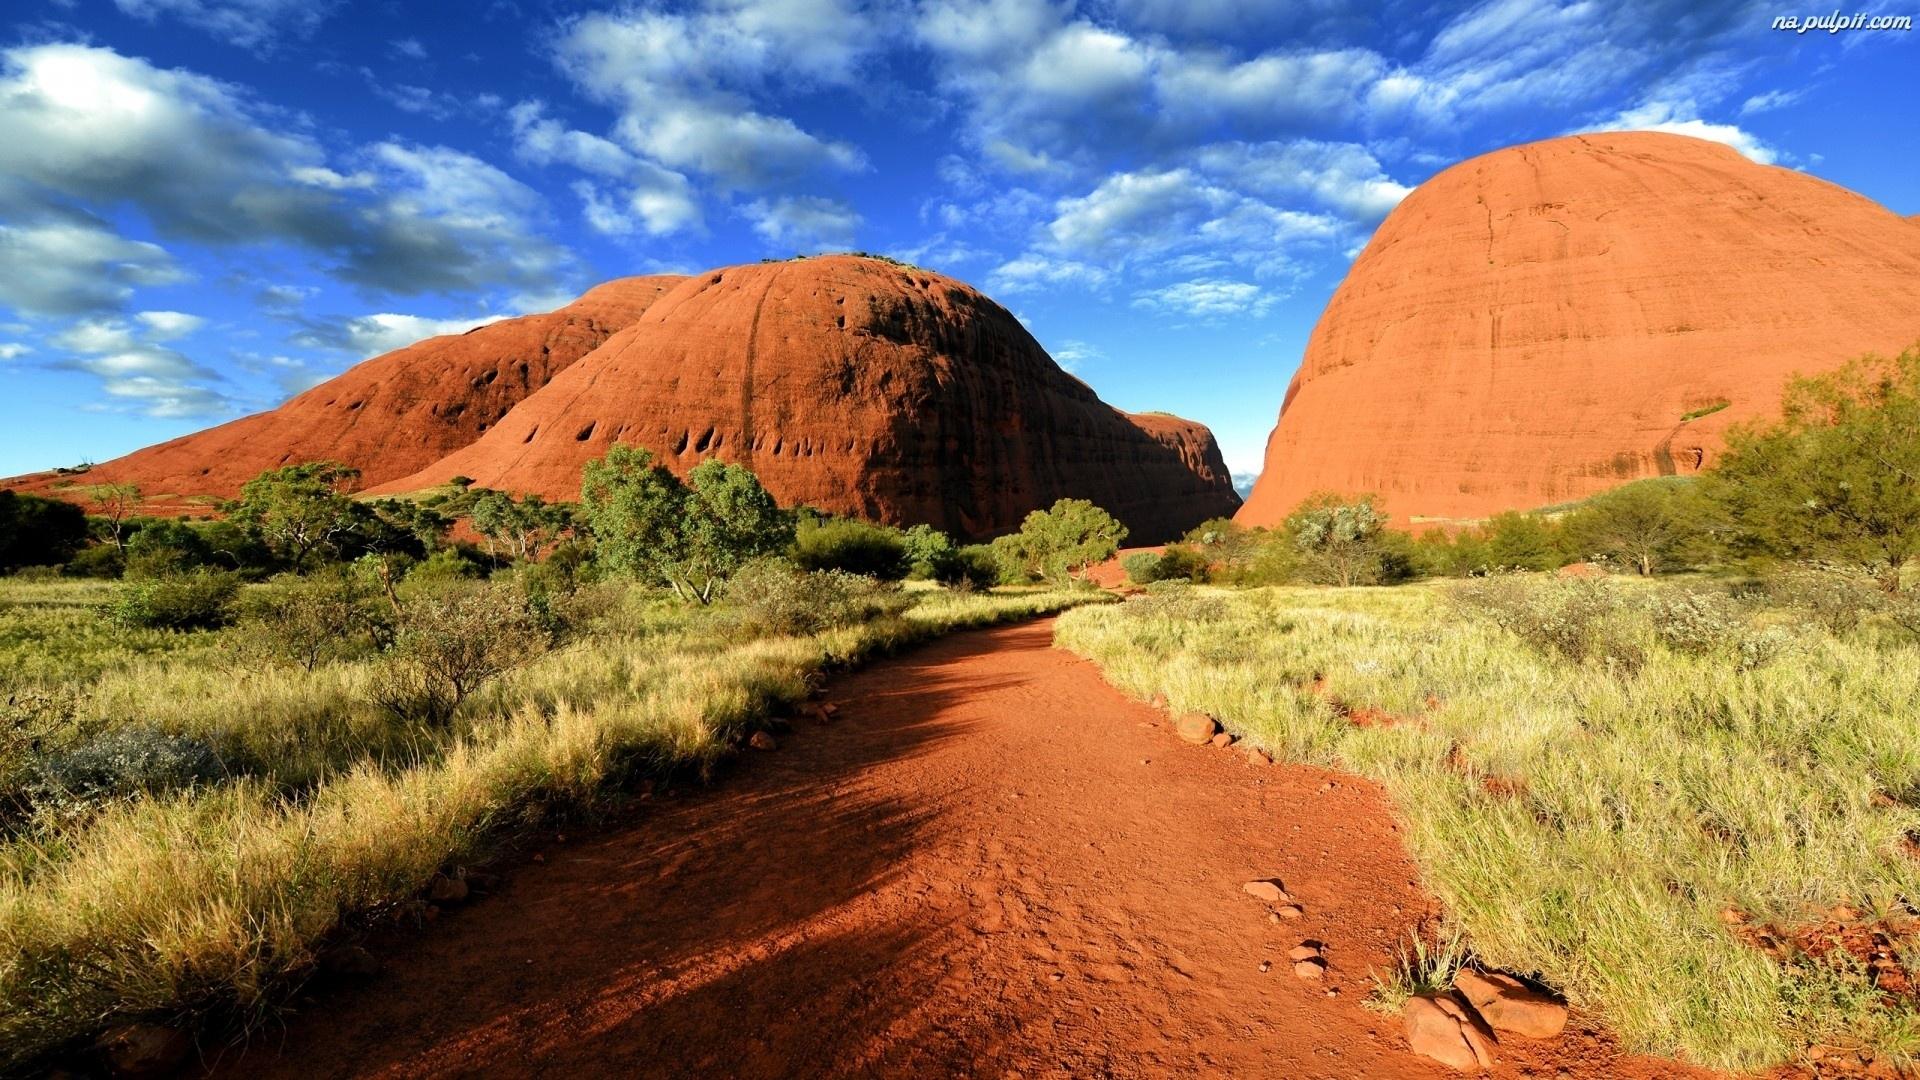 Krajobraz Australia Na Pulpit 1920x1080